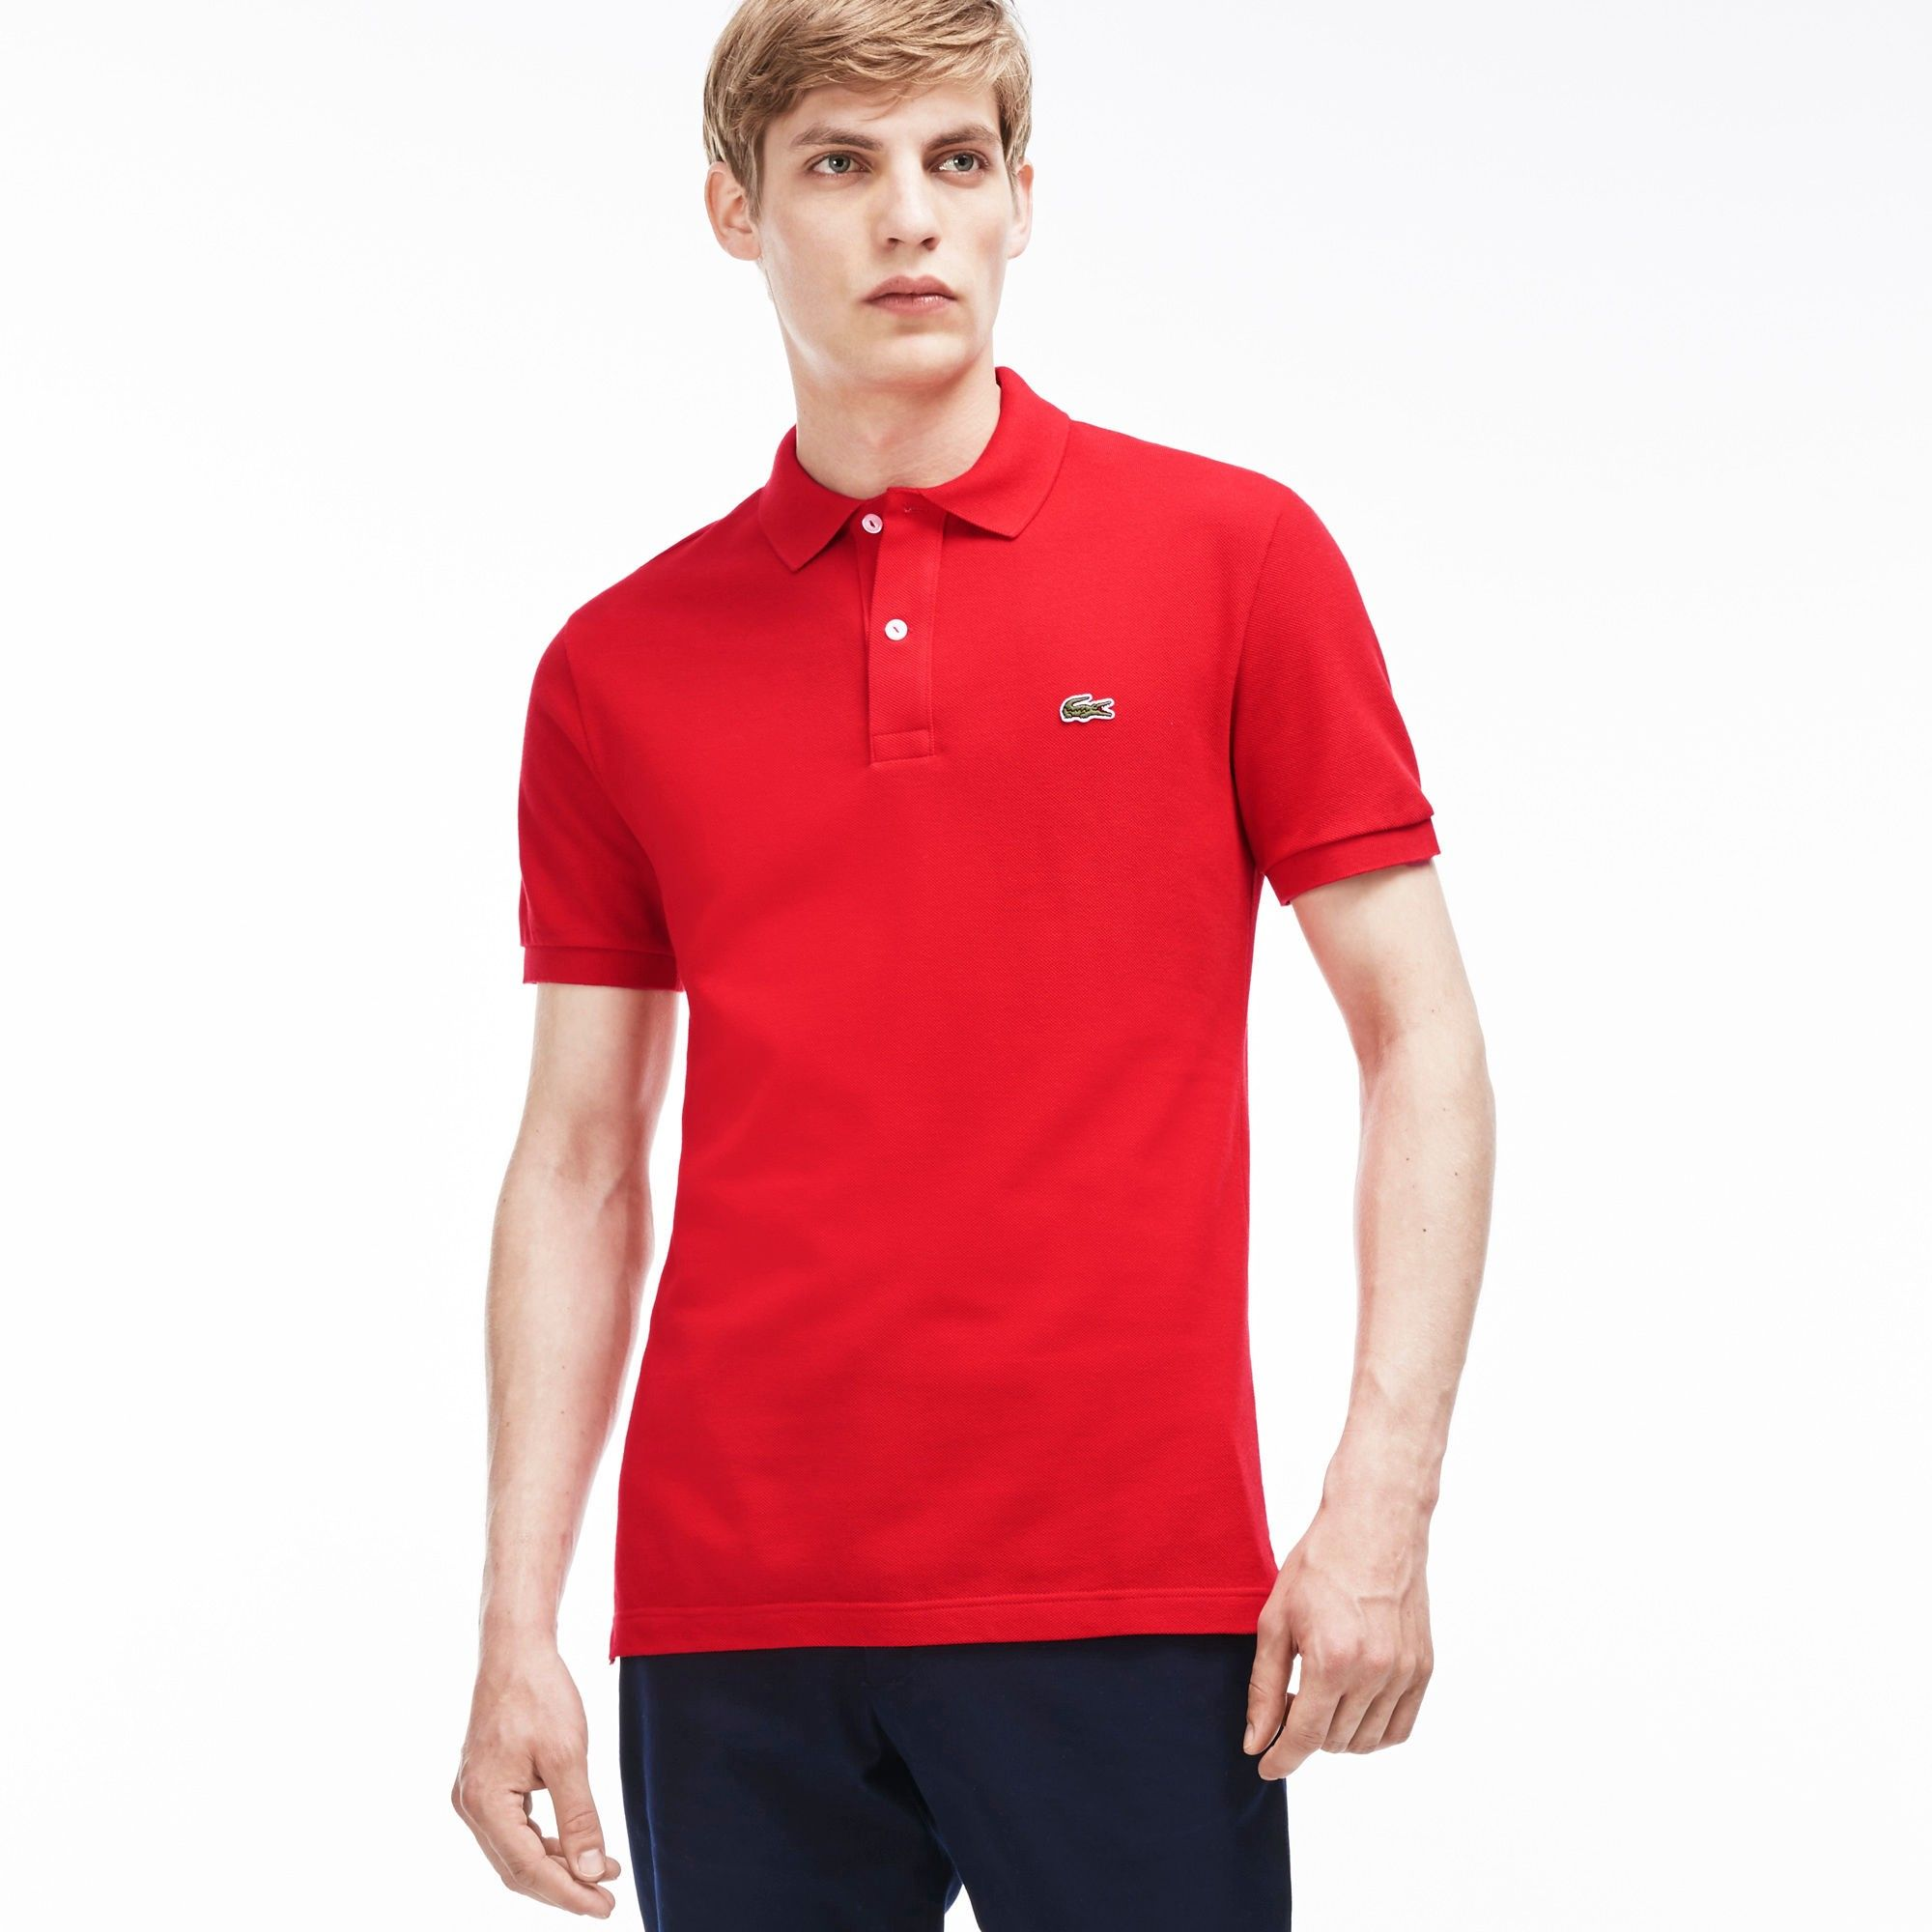 b3a070502b577 LACOSTE Men s Slim Fit Petit Piqué Polo Shirt - red.  lacoste  cloth ...